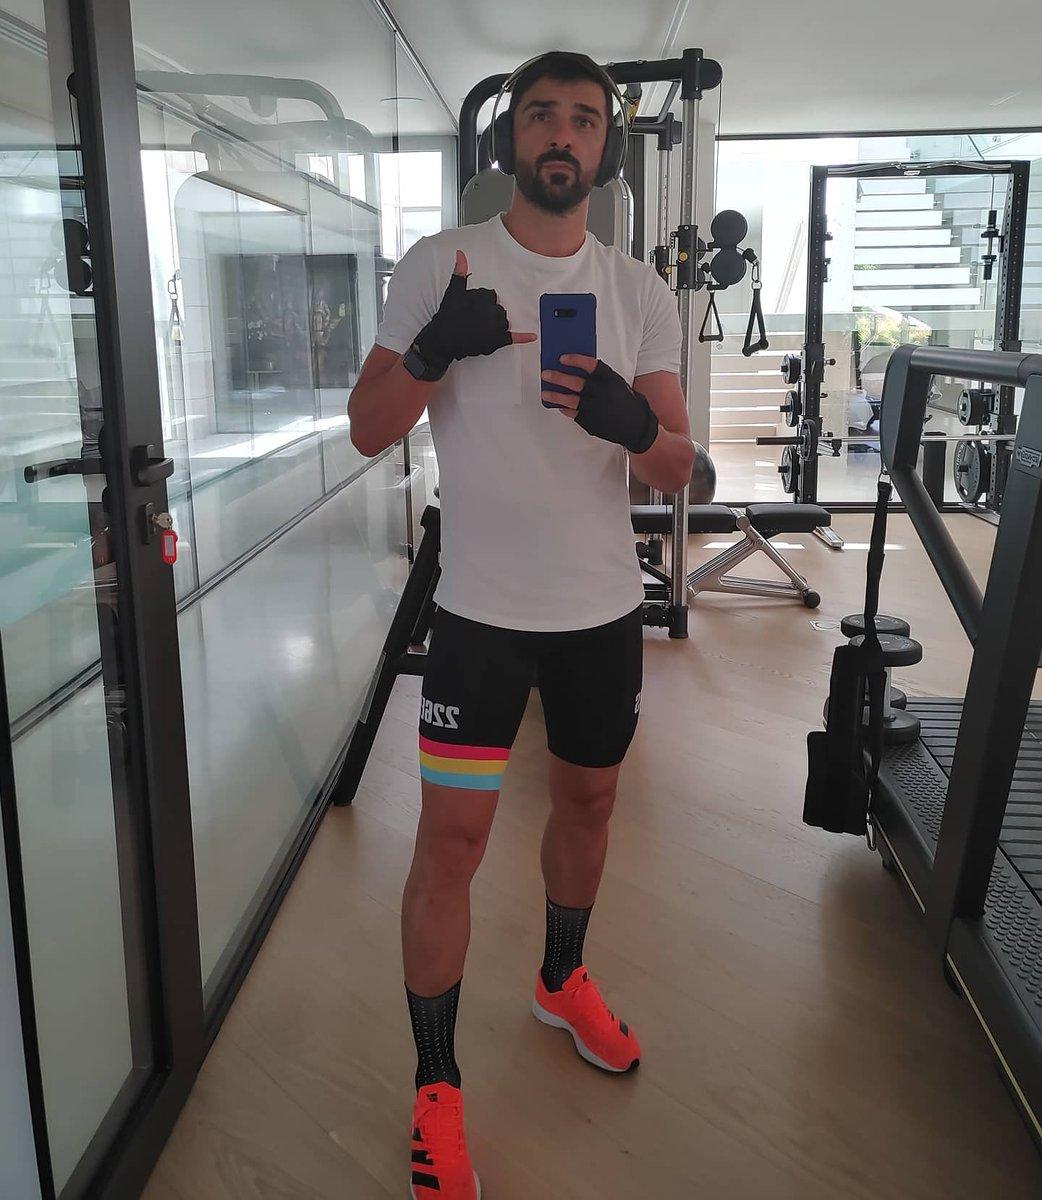 🏋💪🤙😅 #sportlife #gym #lifestyle #enjoy https://t.co/ttd5fCVjMI